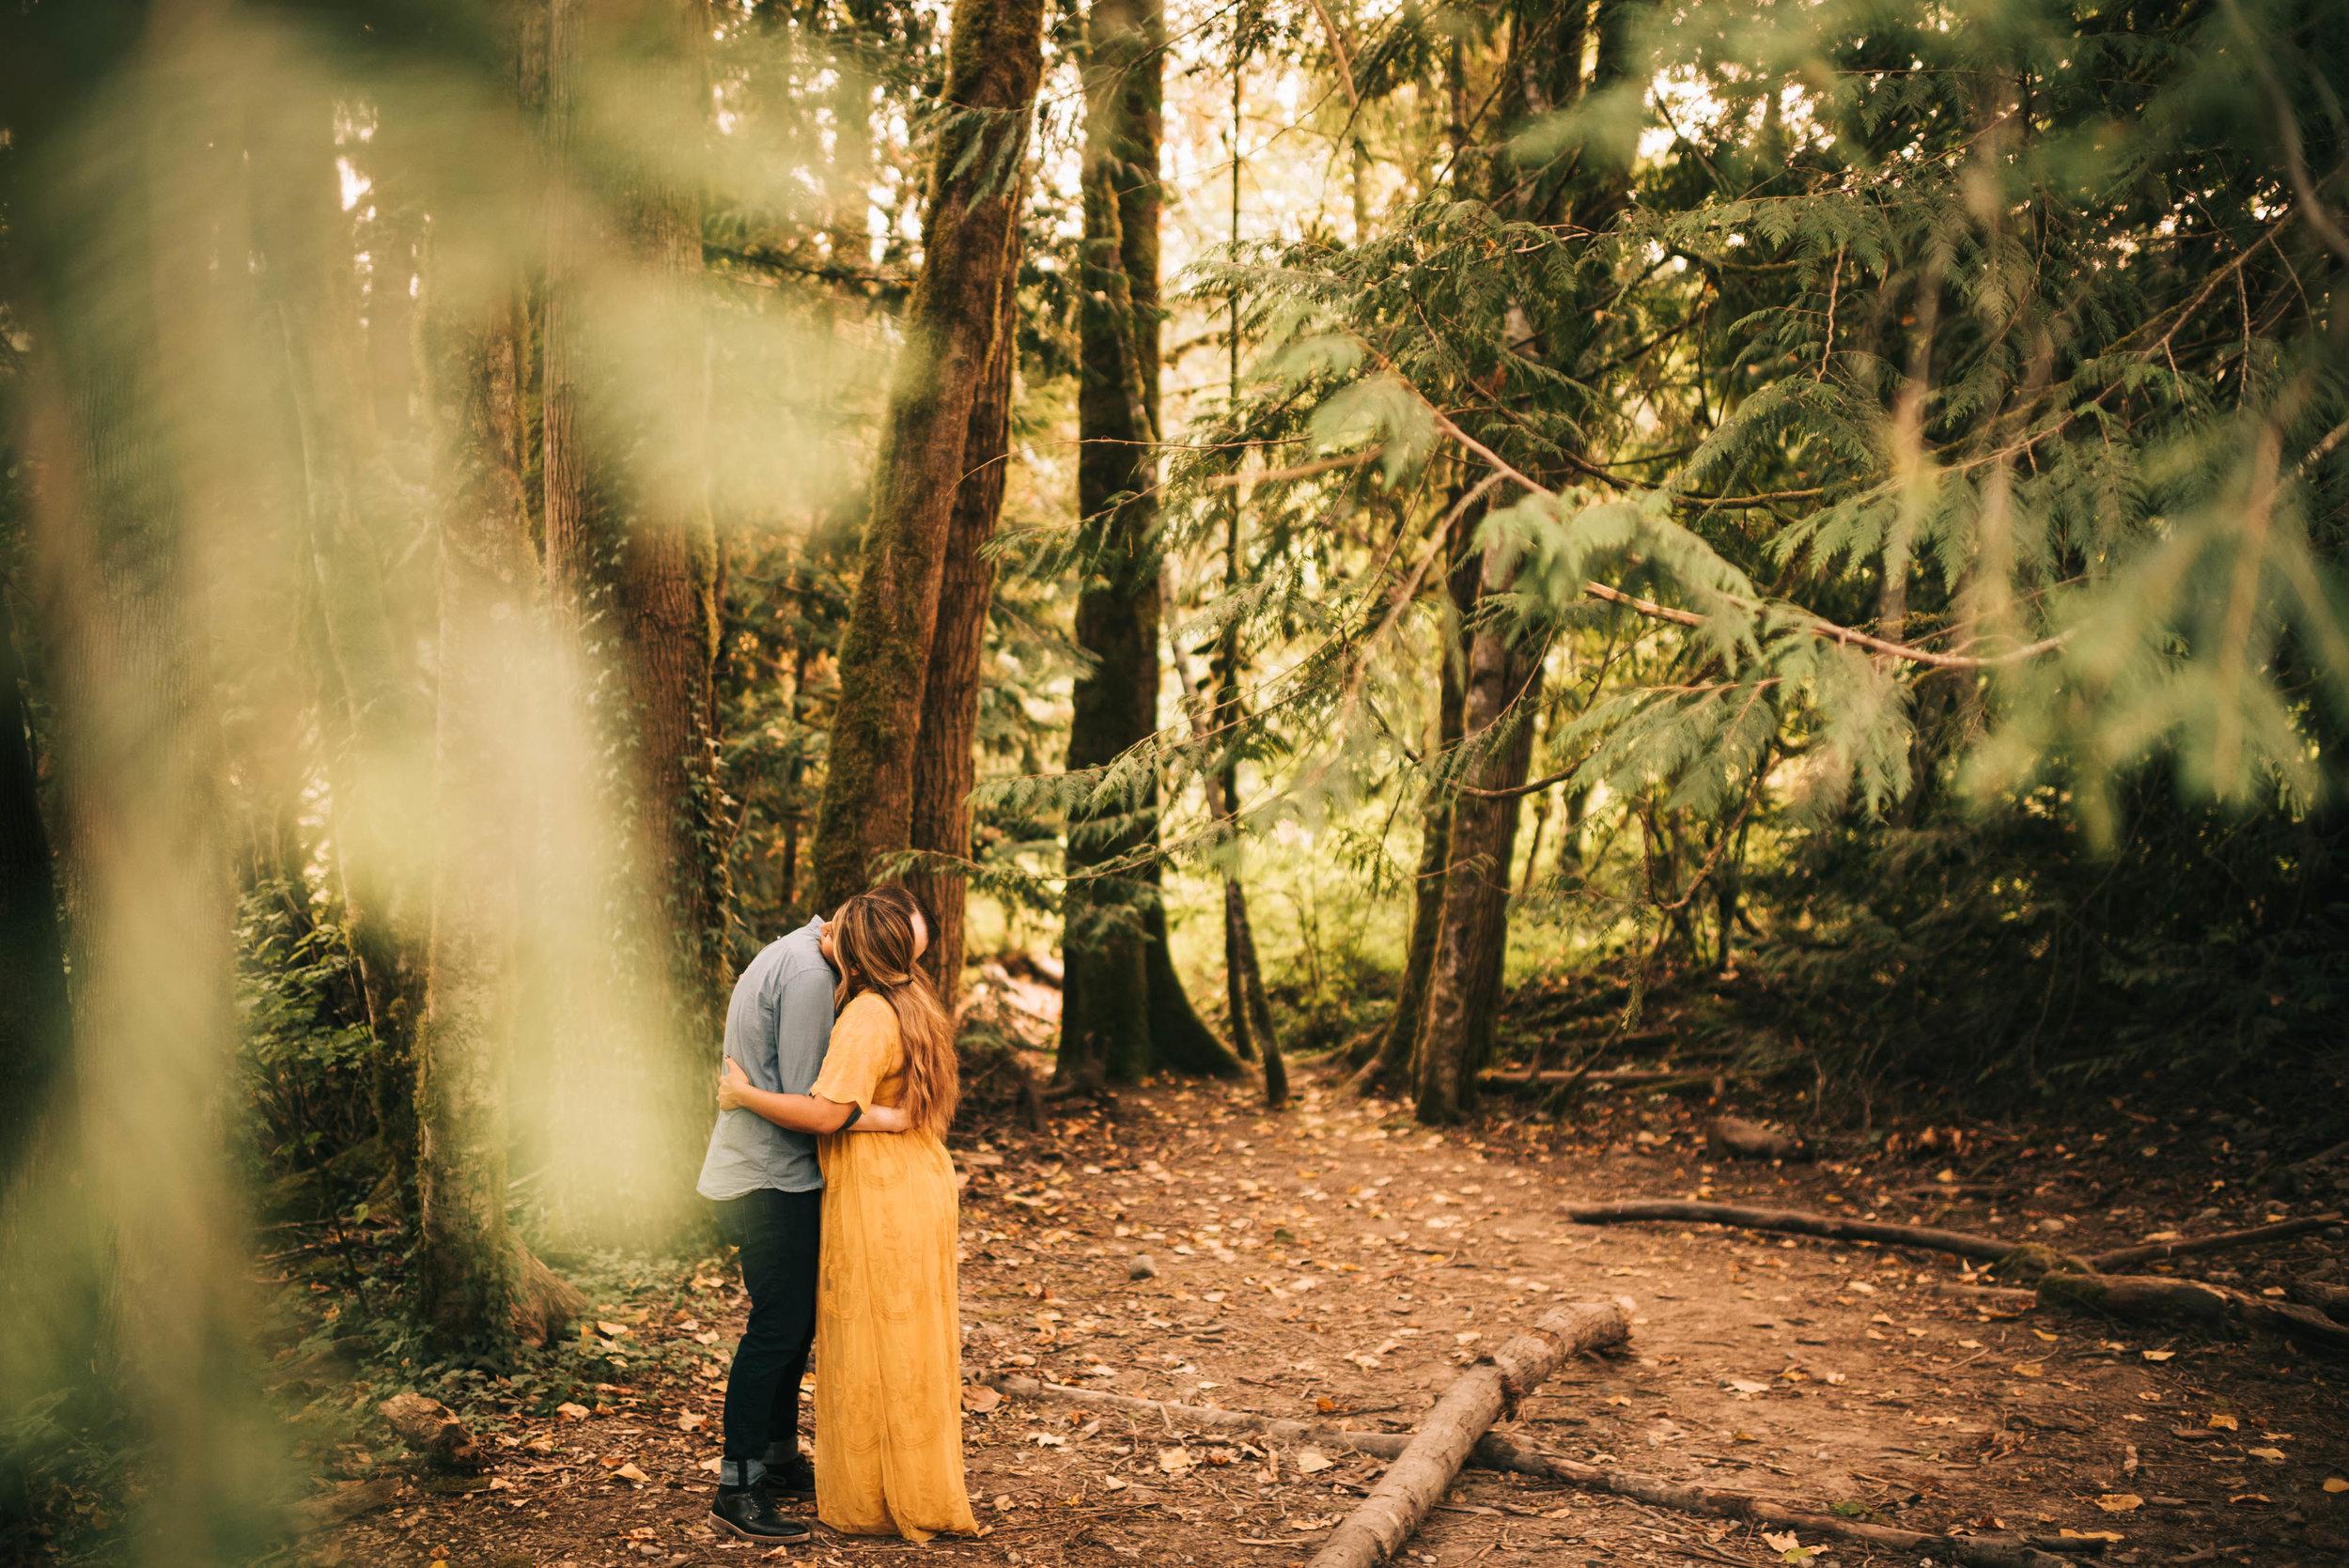 san francisco oakland bay area california sf atlanta georgia seattle washington pnw nontraditional wedding photographer -172.jpg